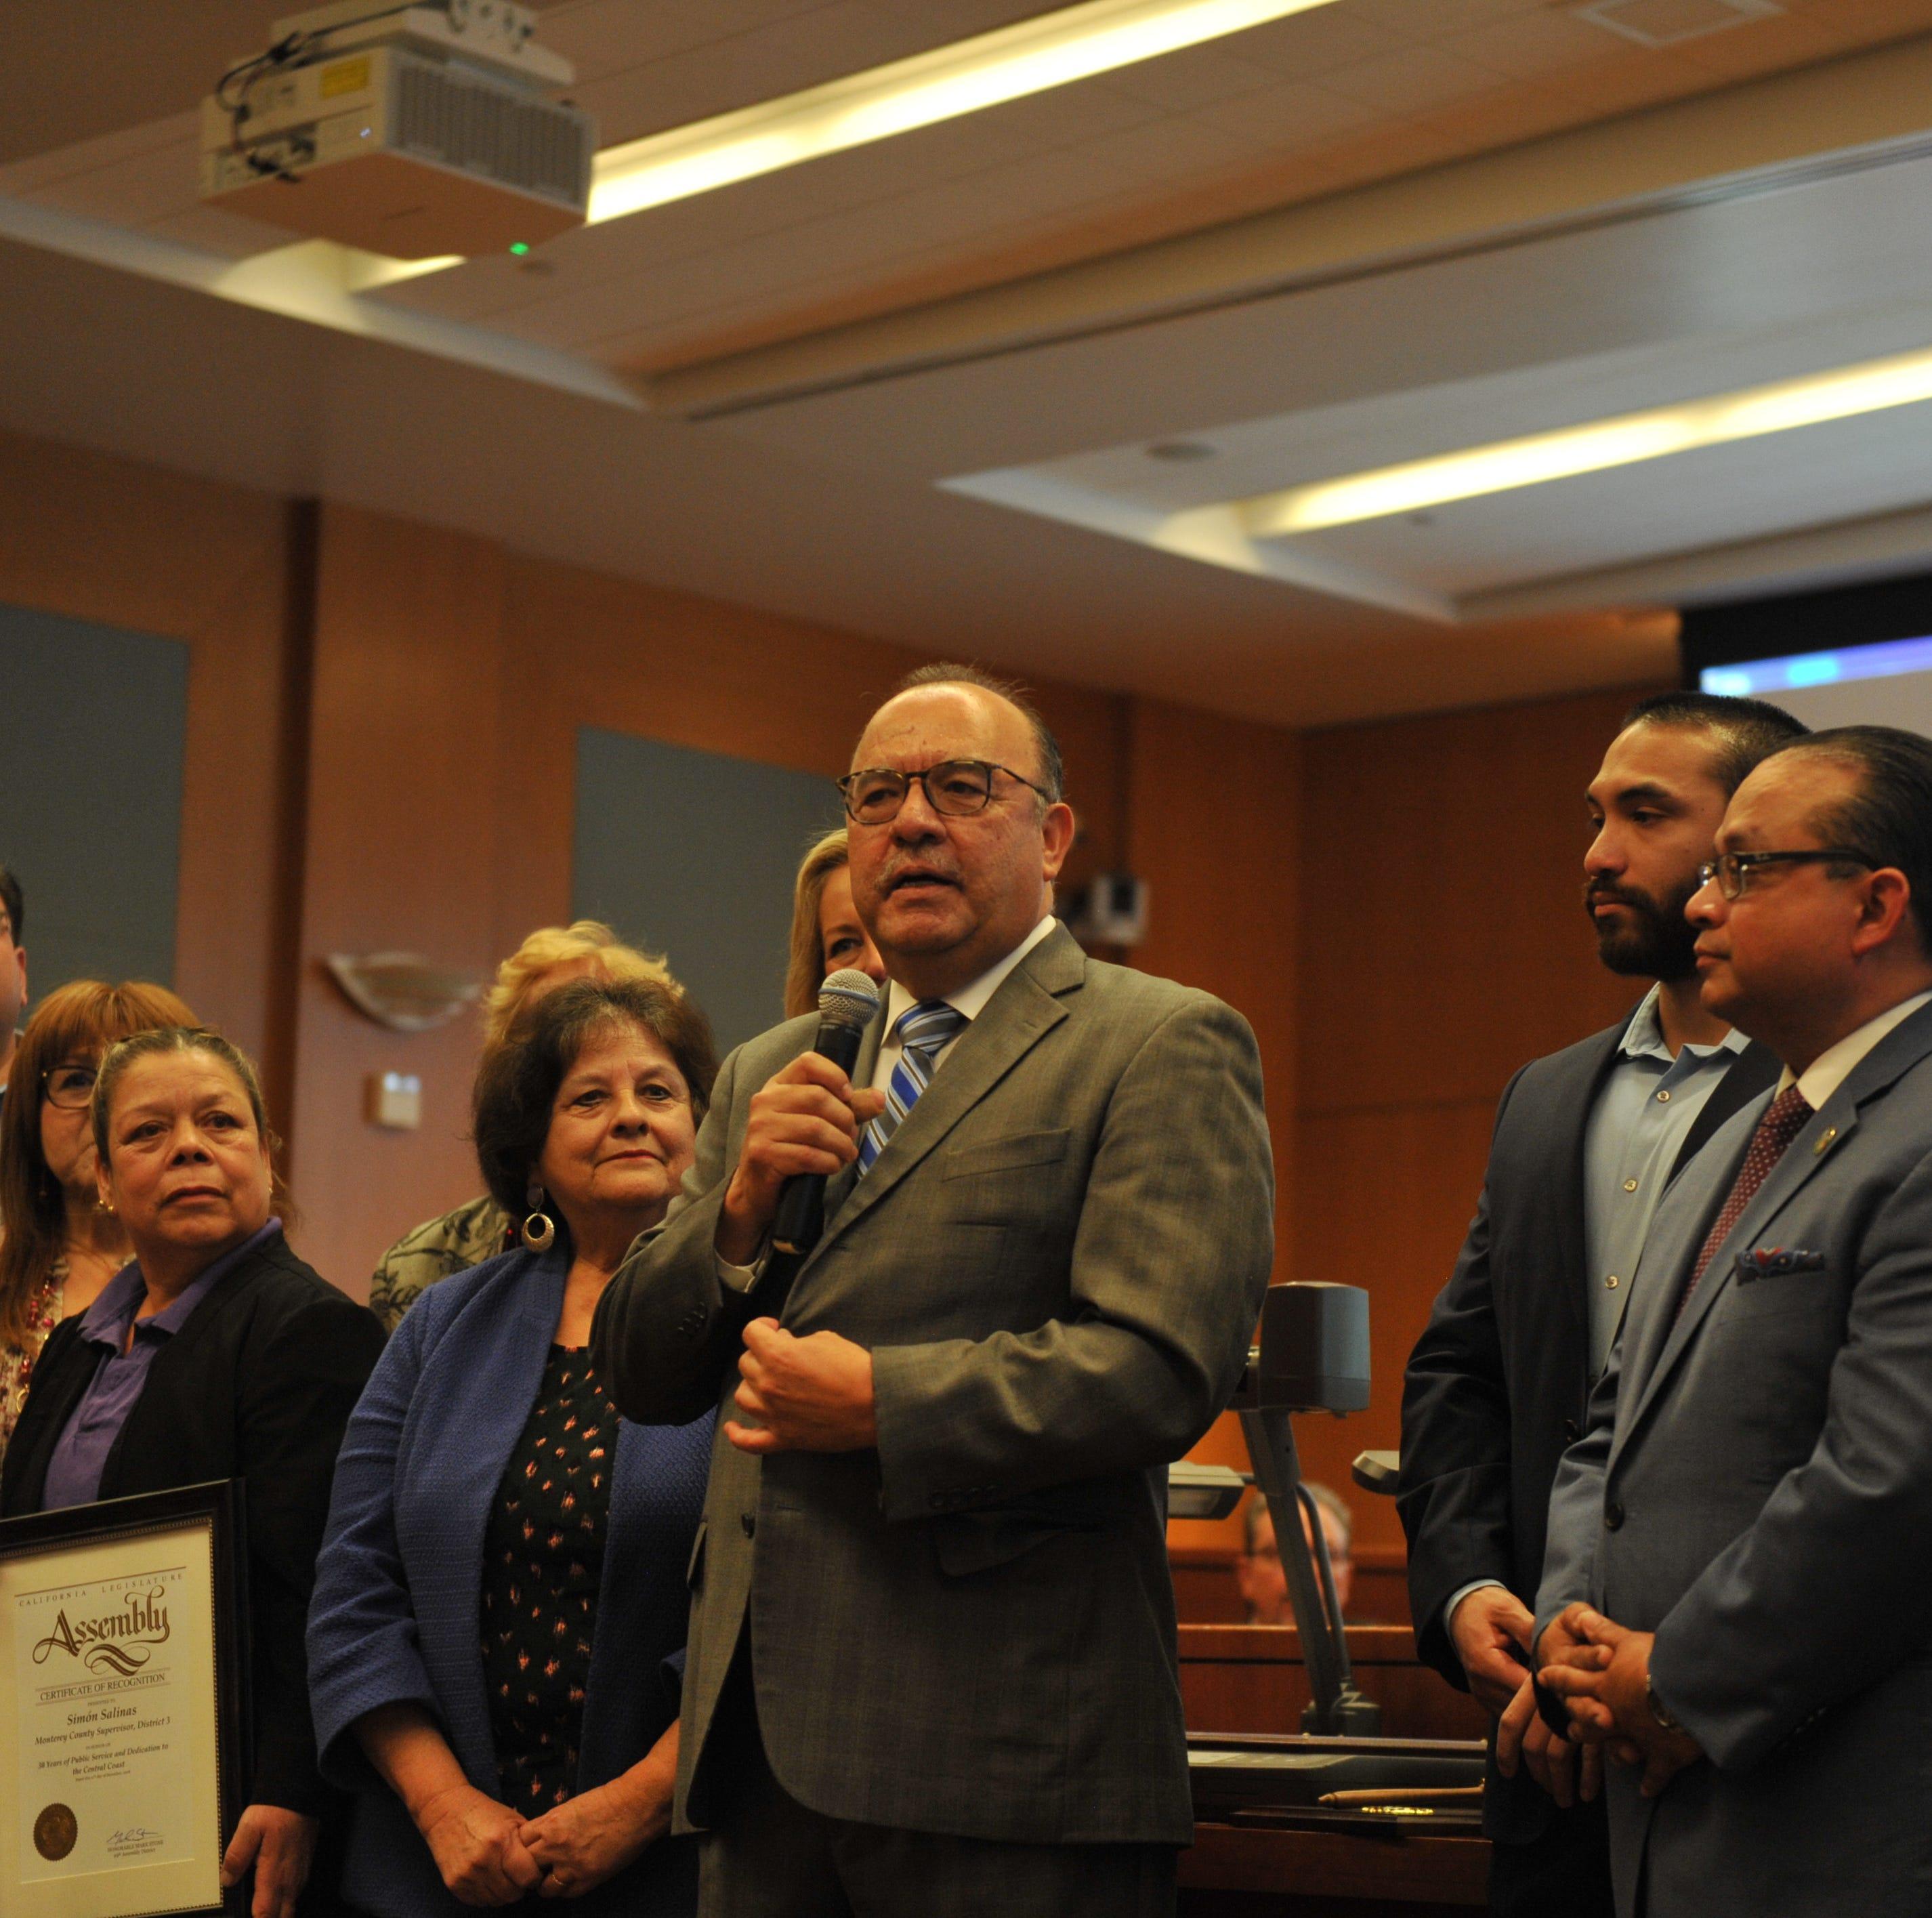 Se retira el supervisor Salinas del consejo del condado